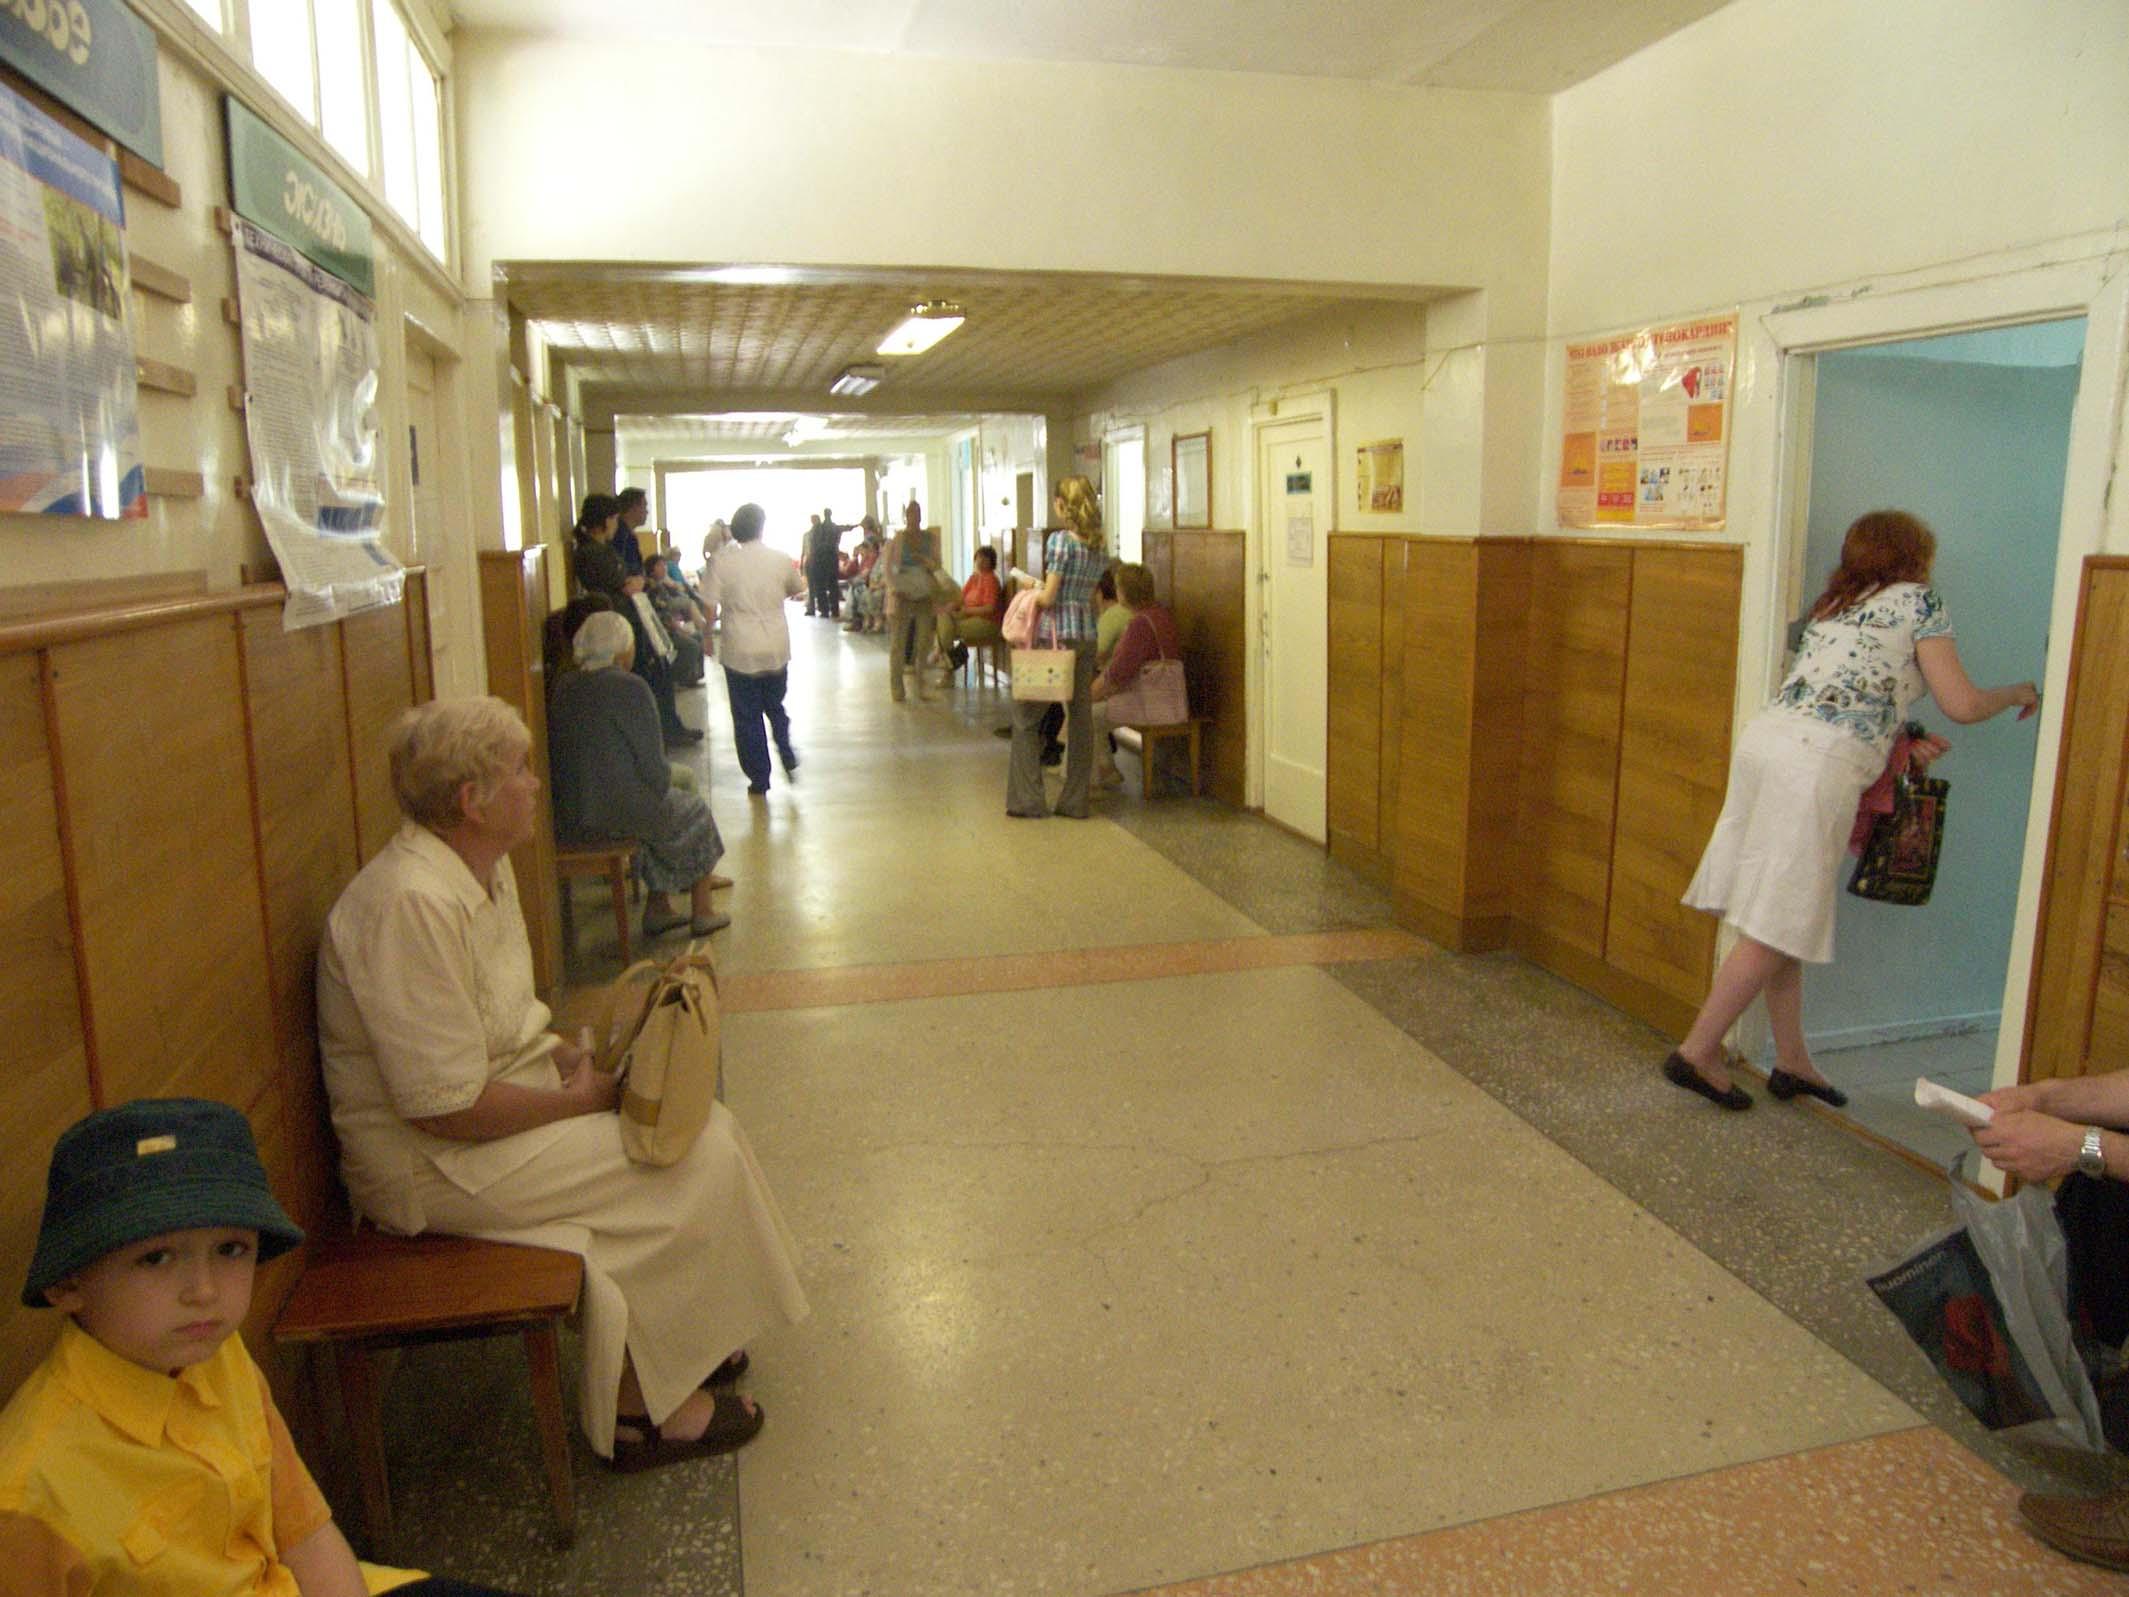 Ульяновской поликлинике выделят 77 млн рублей на закупку оборудования для углублённой диспансеризации